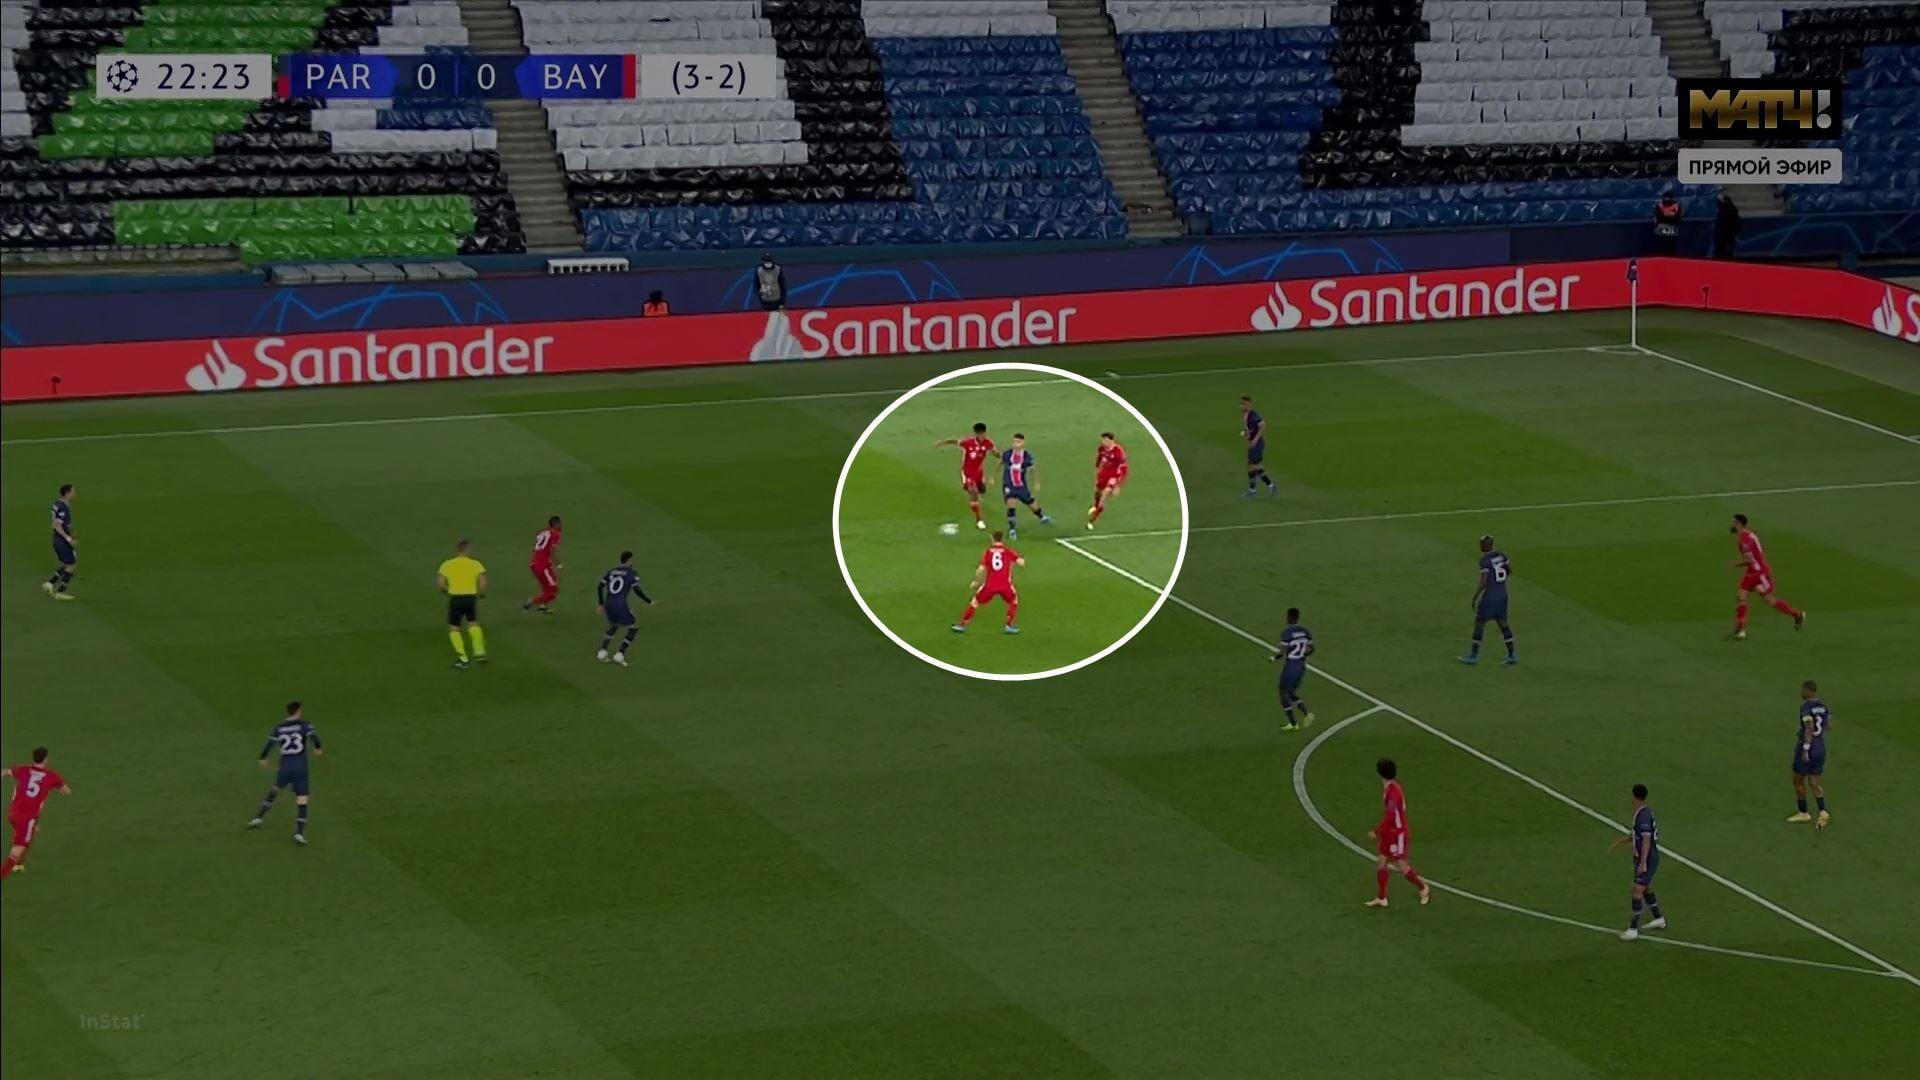 Неймар, Мбаппе и Паредес – важнейшие игроки «ПСЖ» против «Баварии». Почеттино учел ошибки первого матча